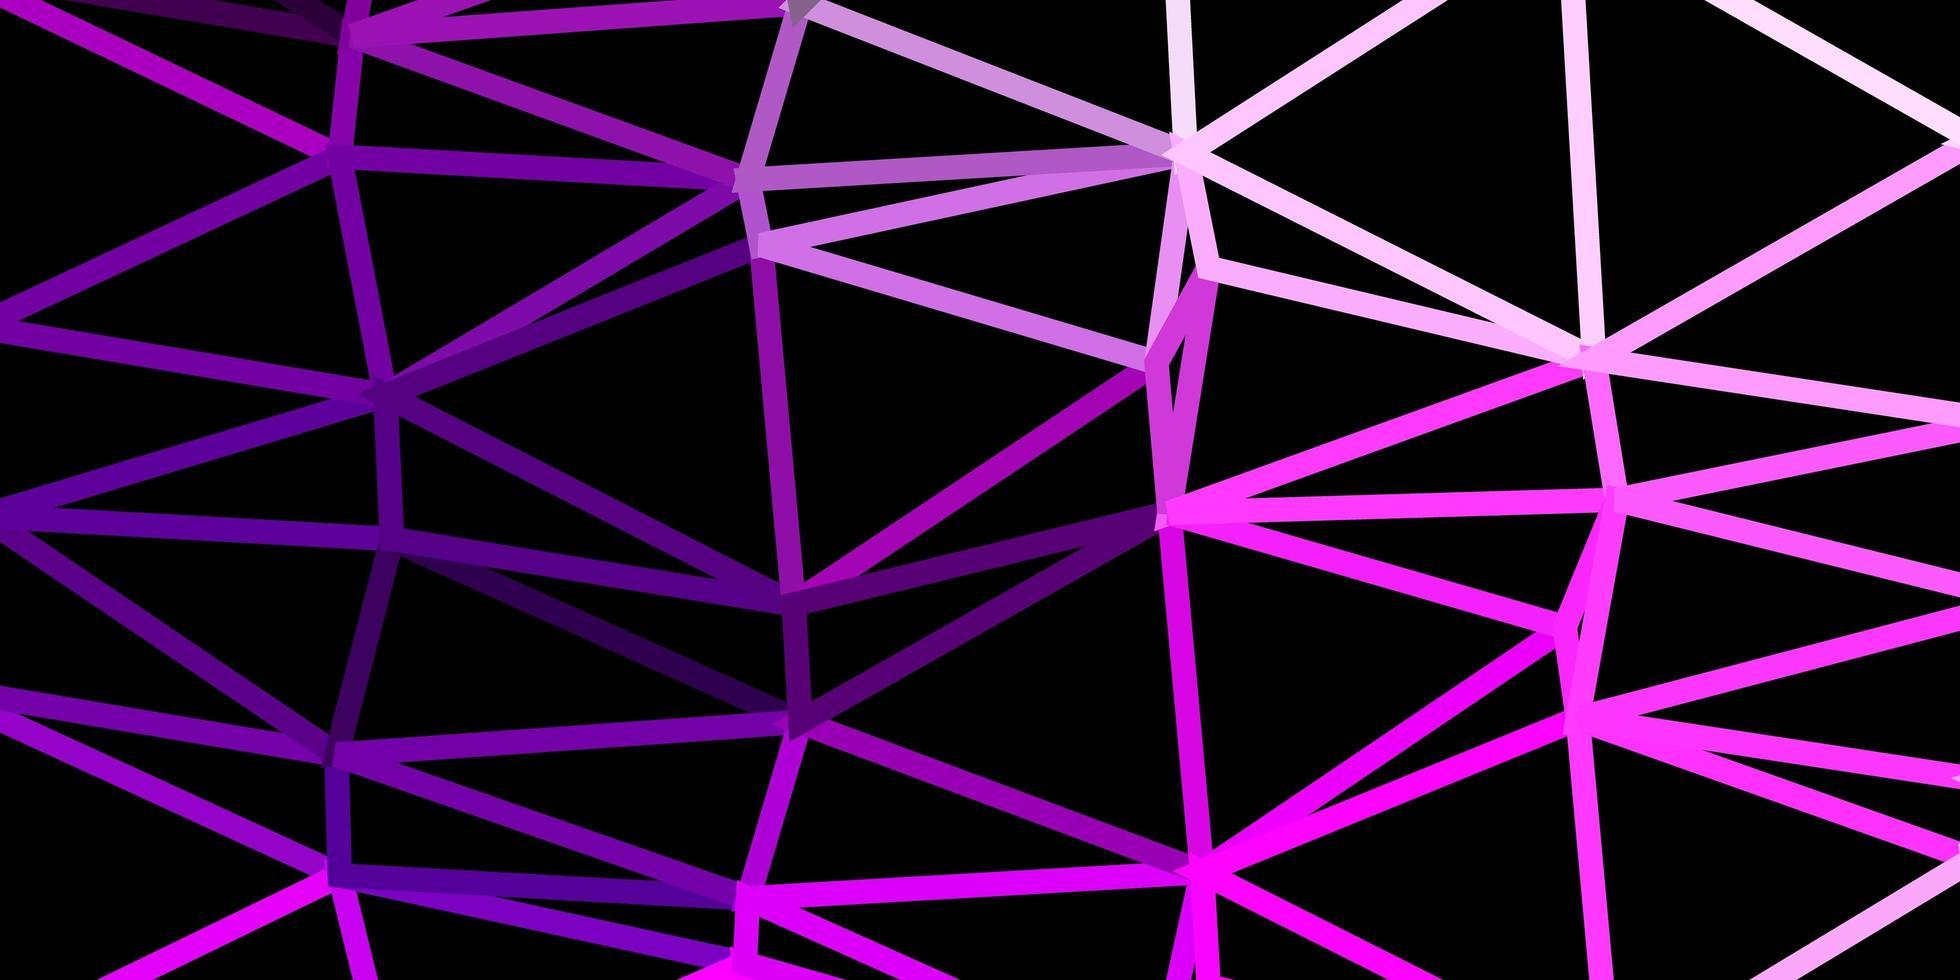 ljusrosa vektor abstrakt triangel bakgrund.